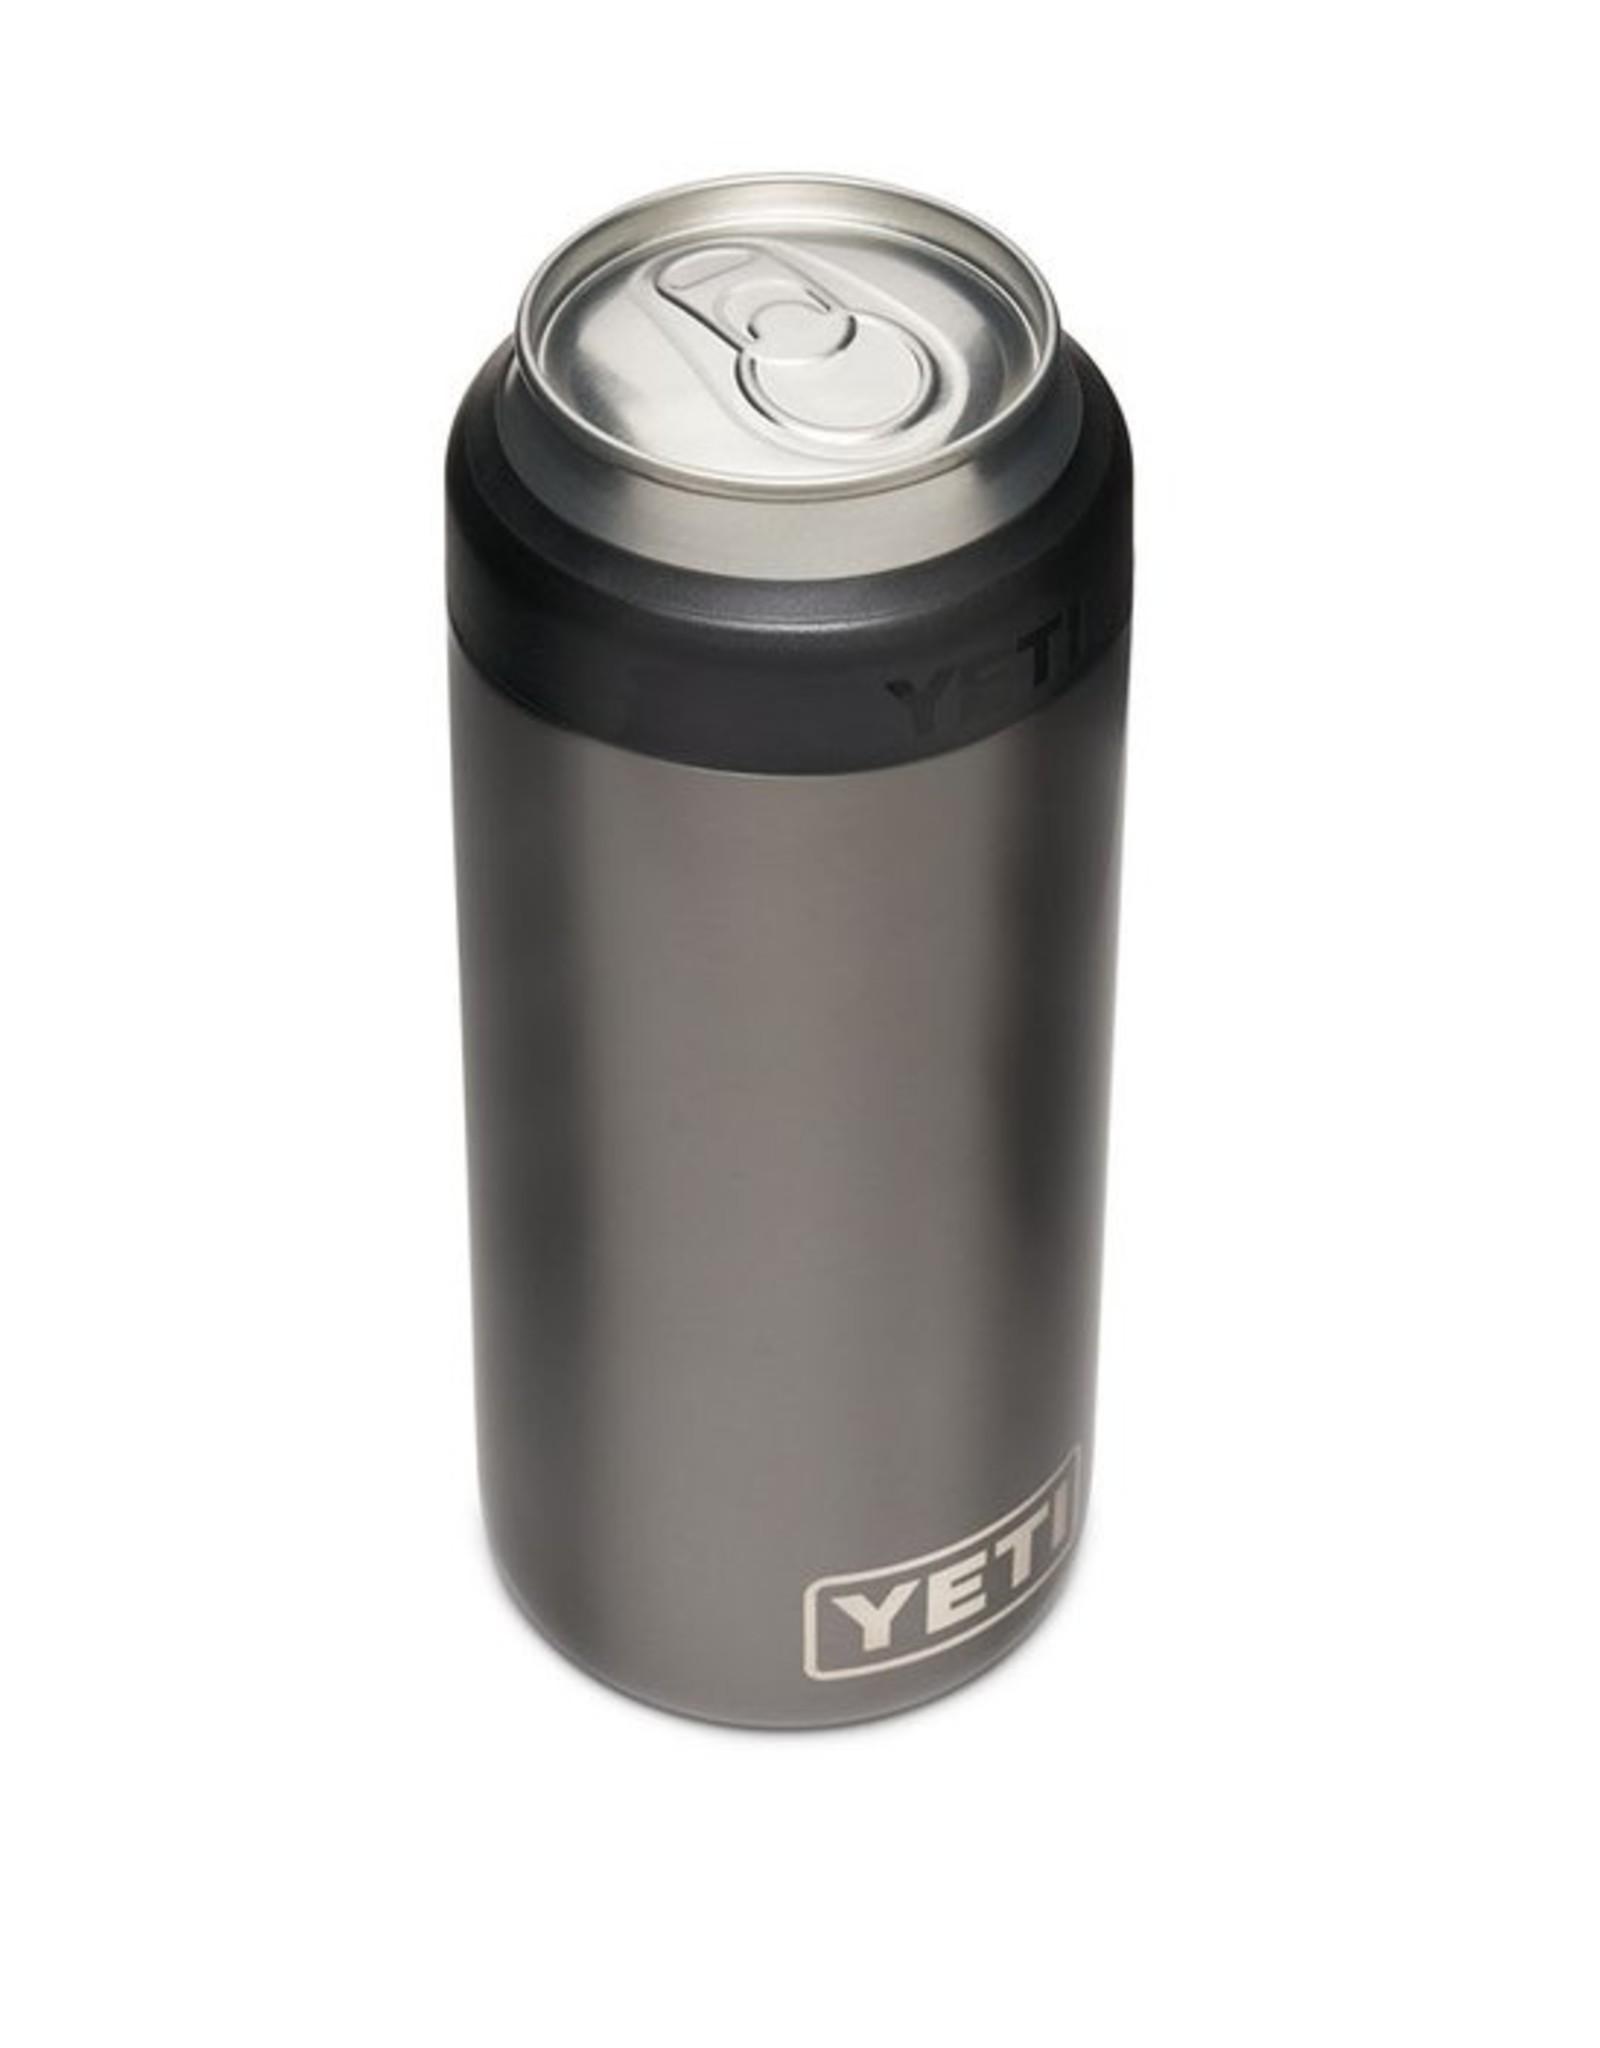 YETI Coolers Colster 2.0 Slim-Graphite